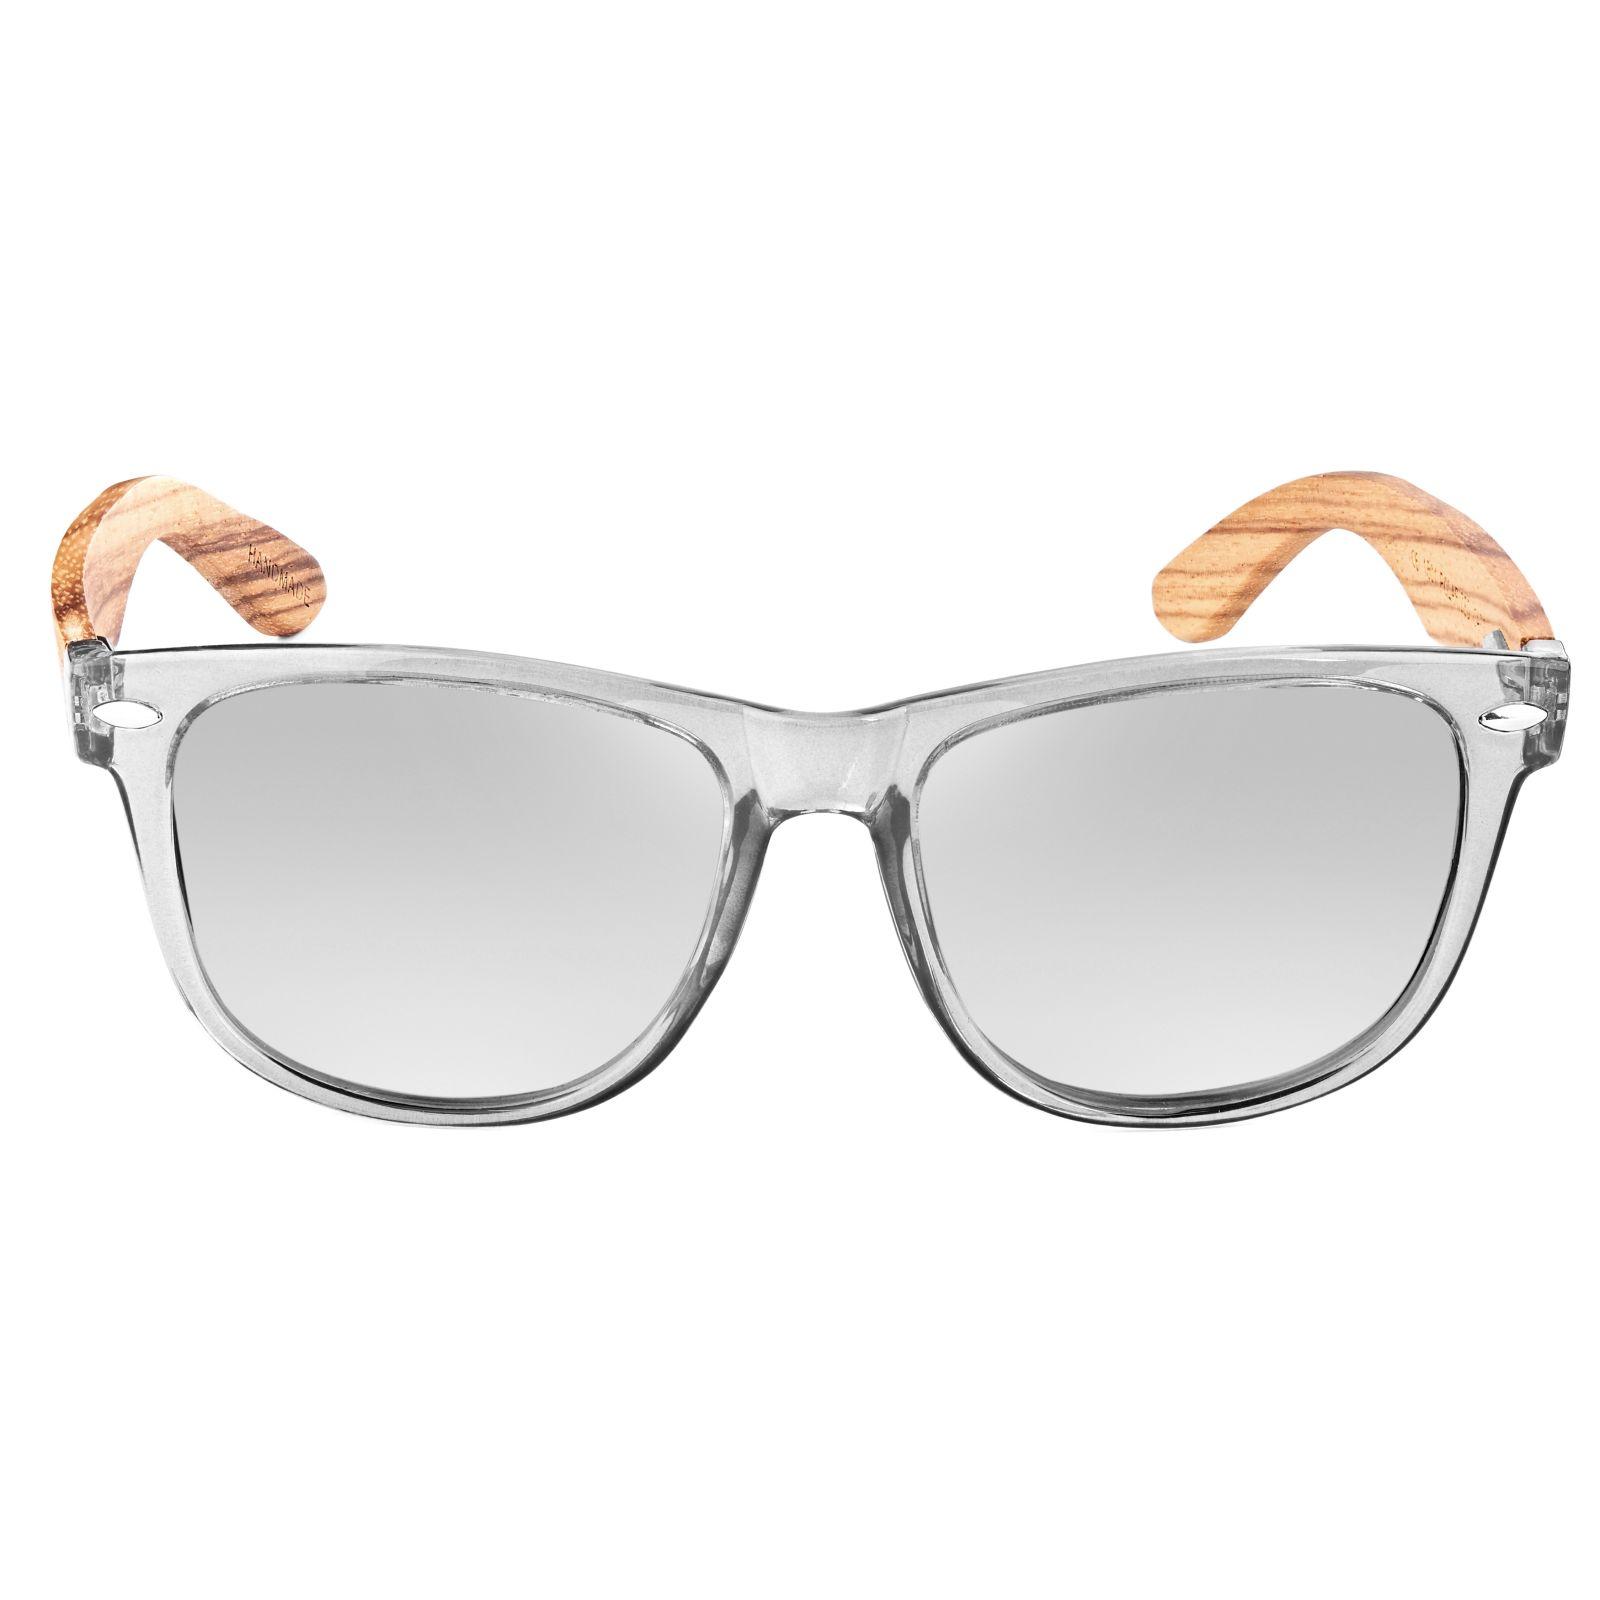 Polarized Γυαλιά Ηλίου Silver   Gray  478cb76e8e1